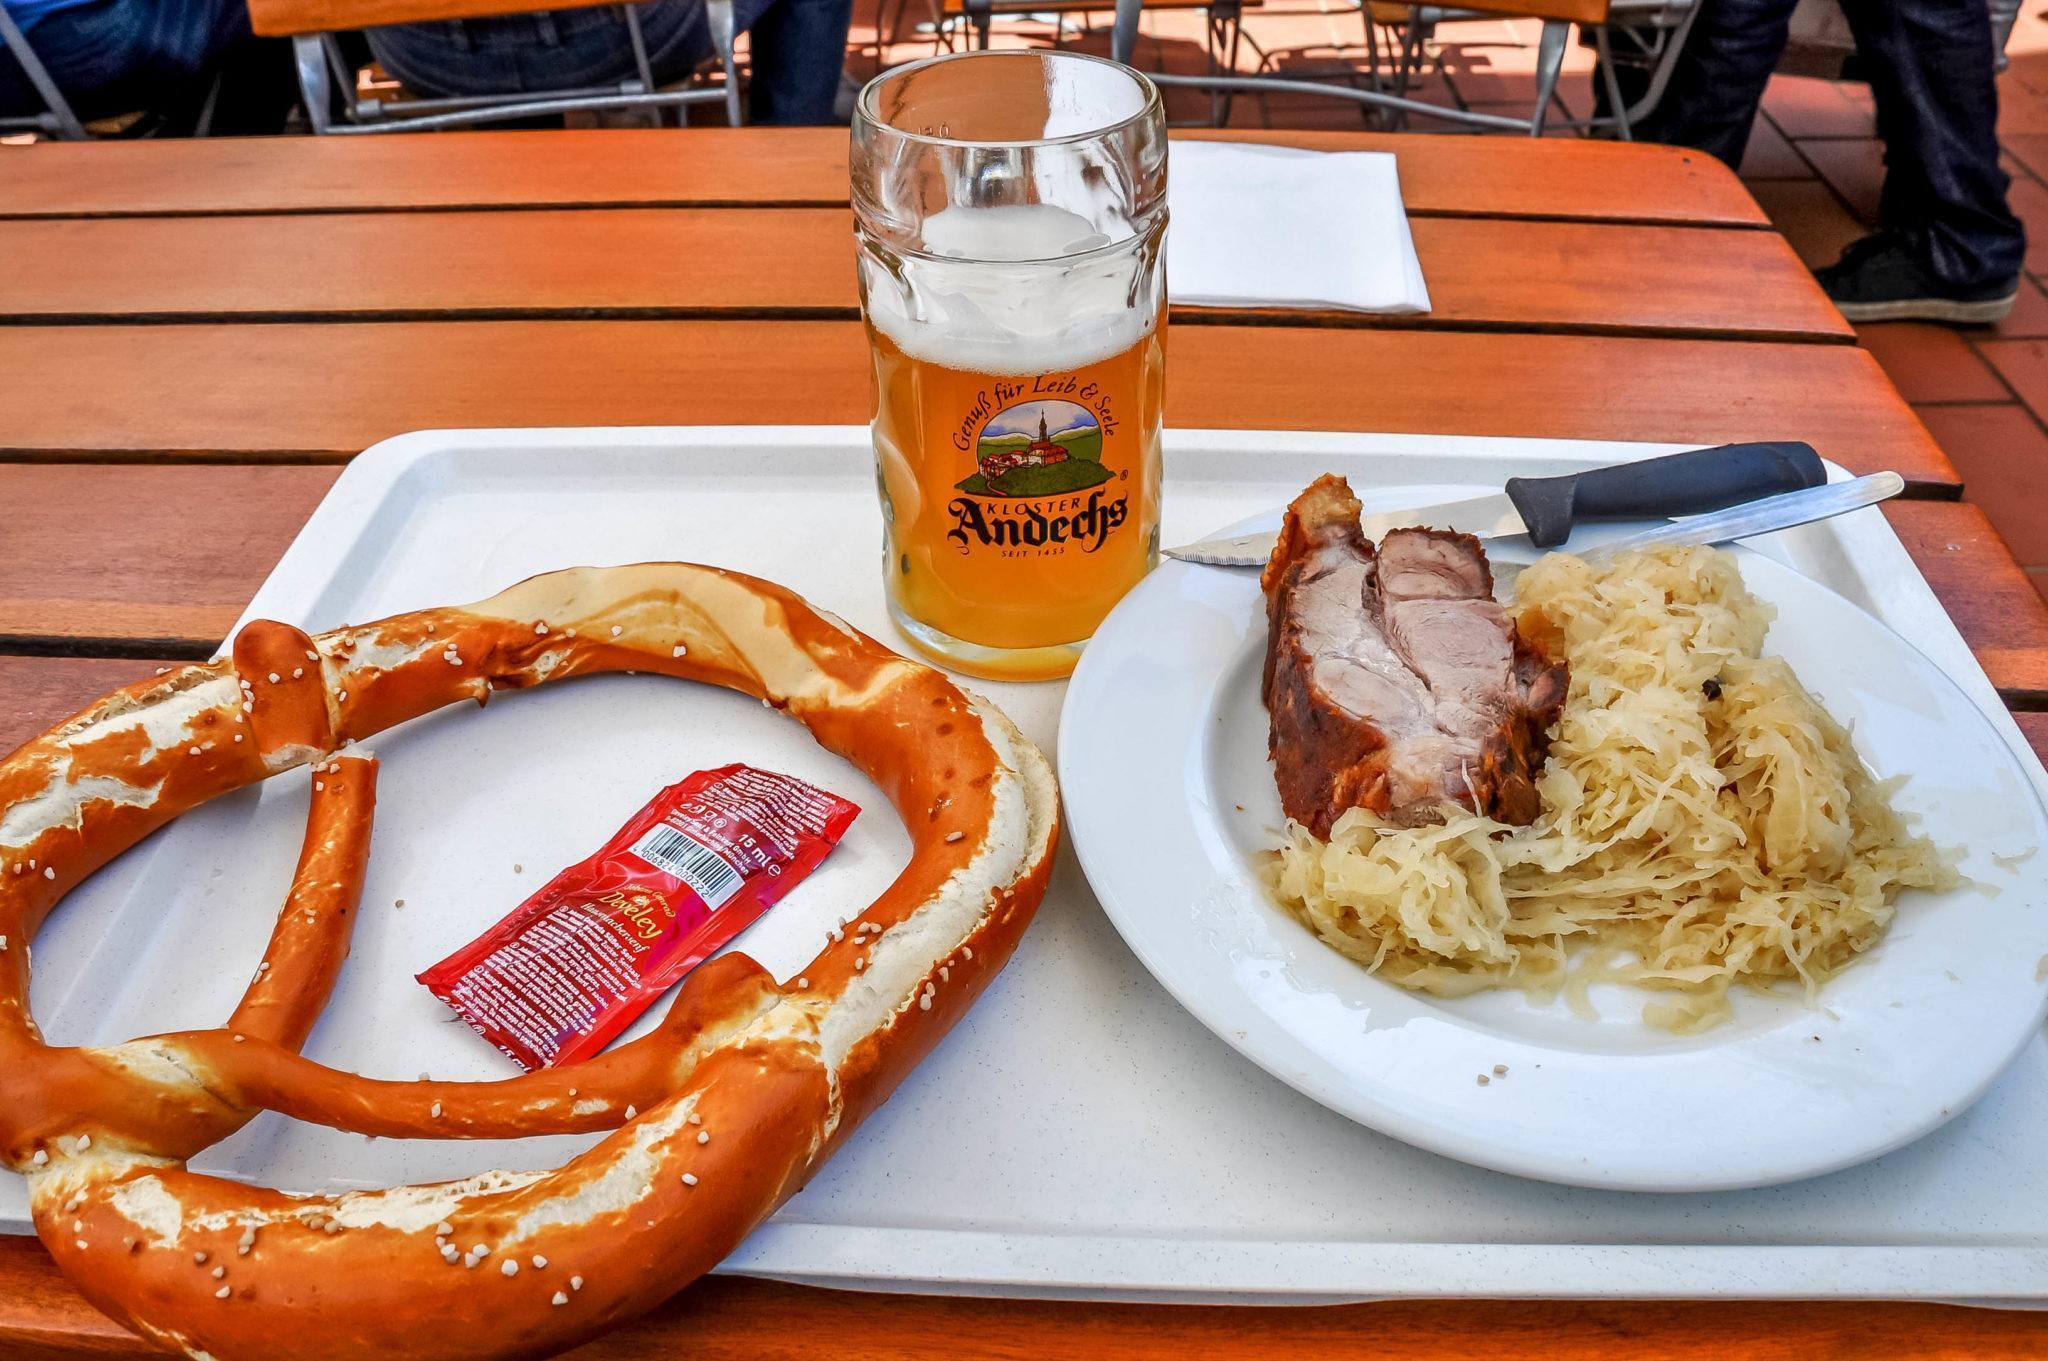 Pretzel, beer, sauerkraut, and pork lunch at Andechs monastery